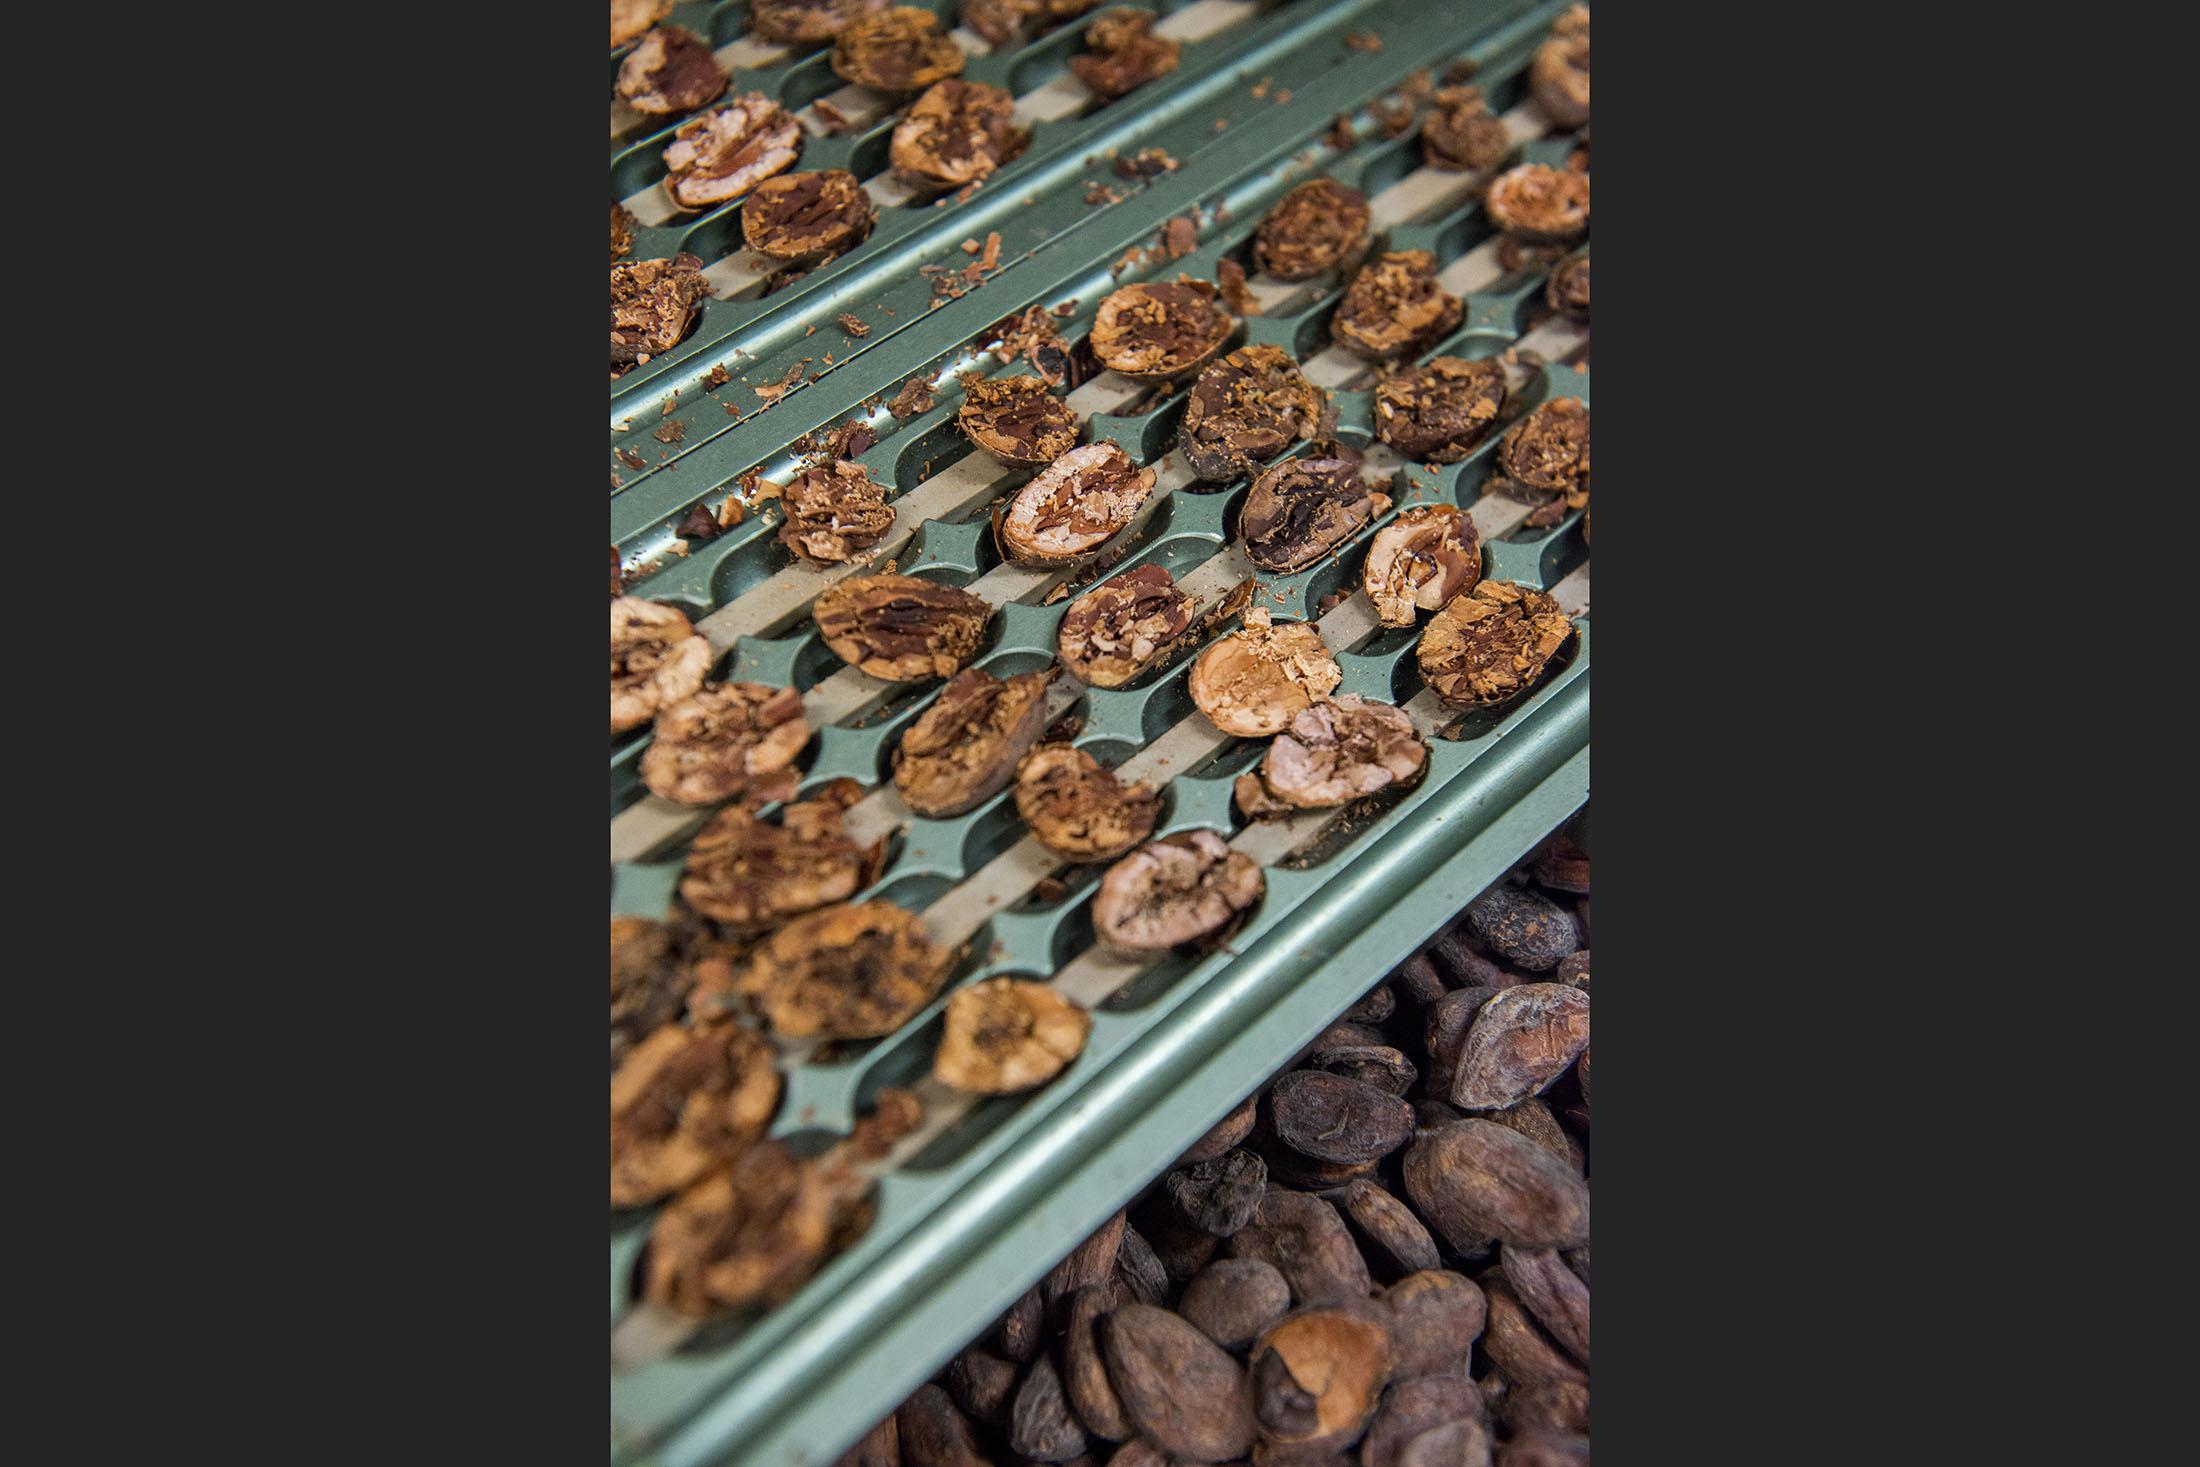 Cea mai buna ciocolata din lume se face in Italia, Toscana